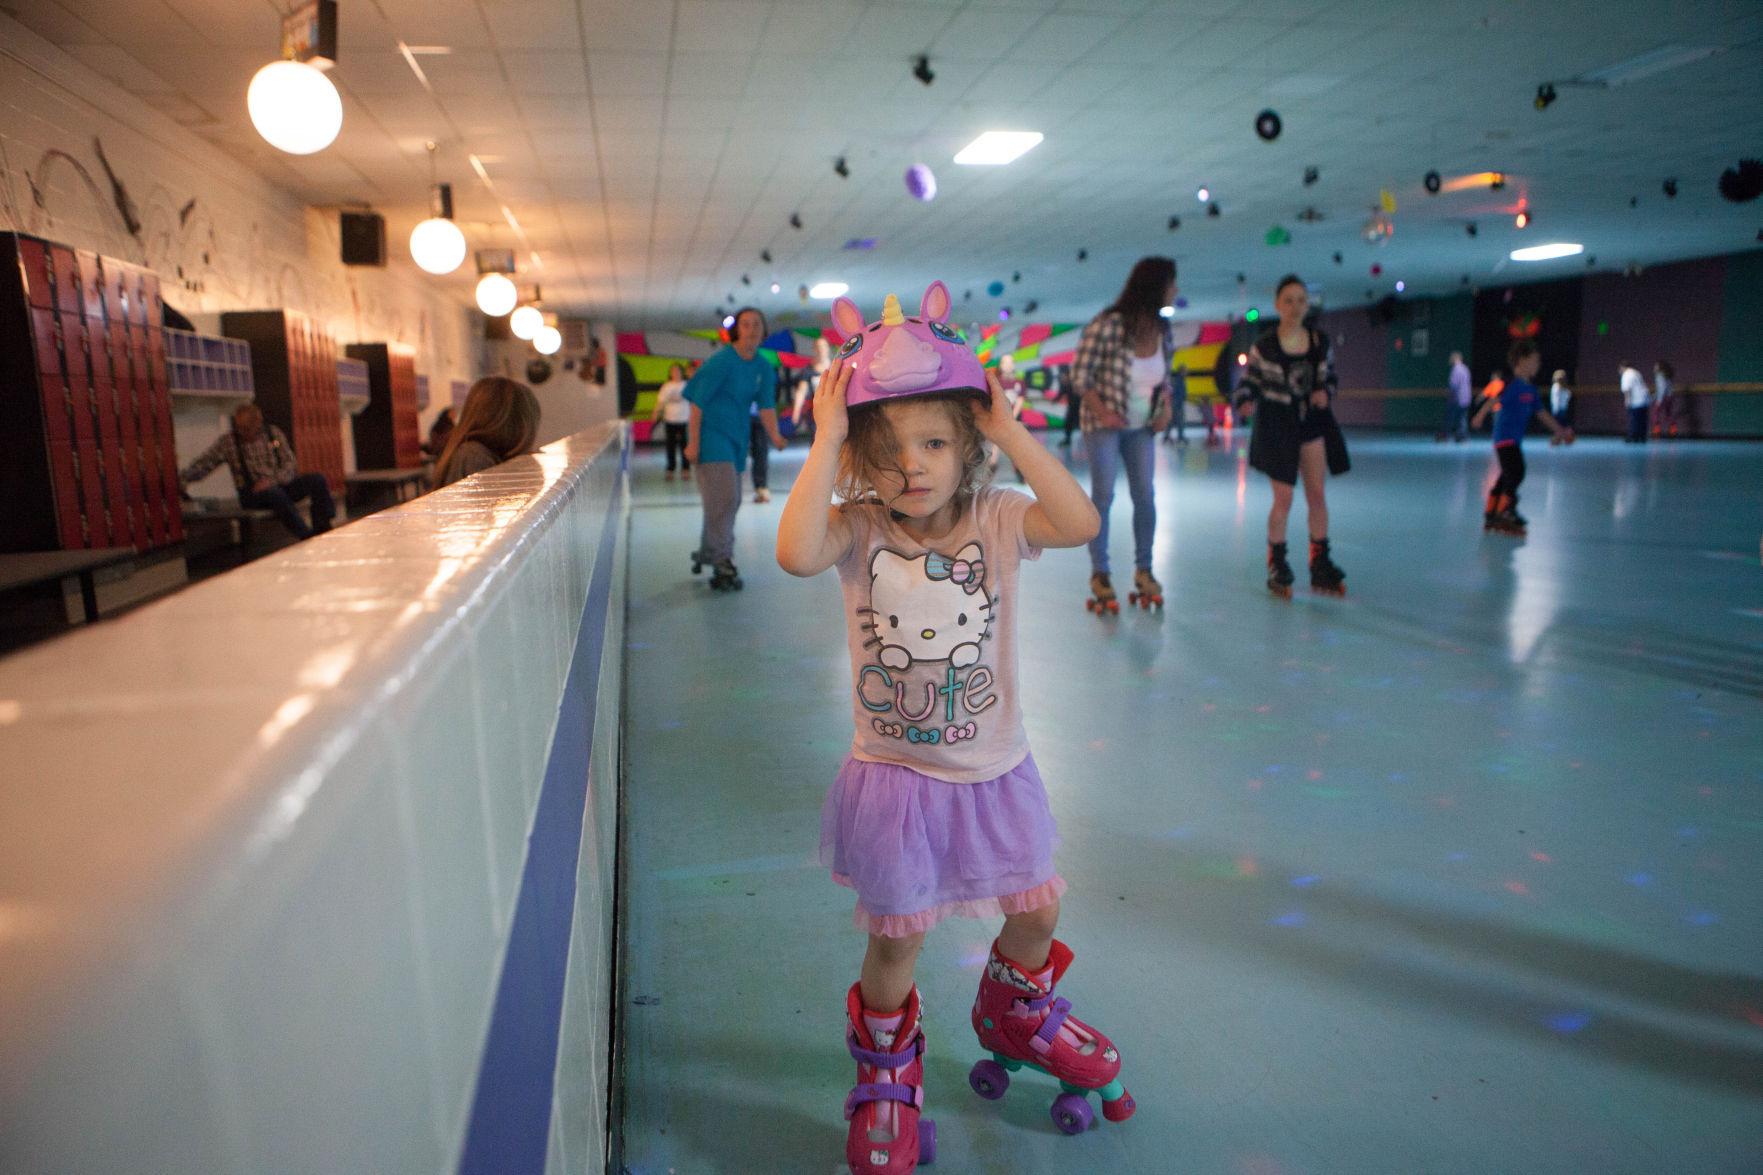 Skate zone lincoln nebraska